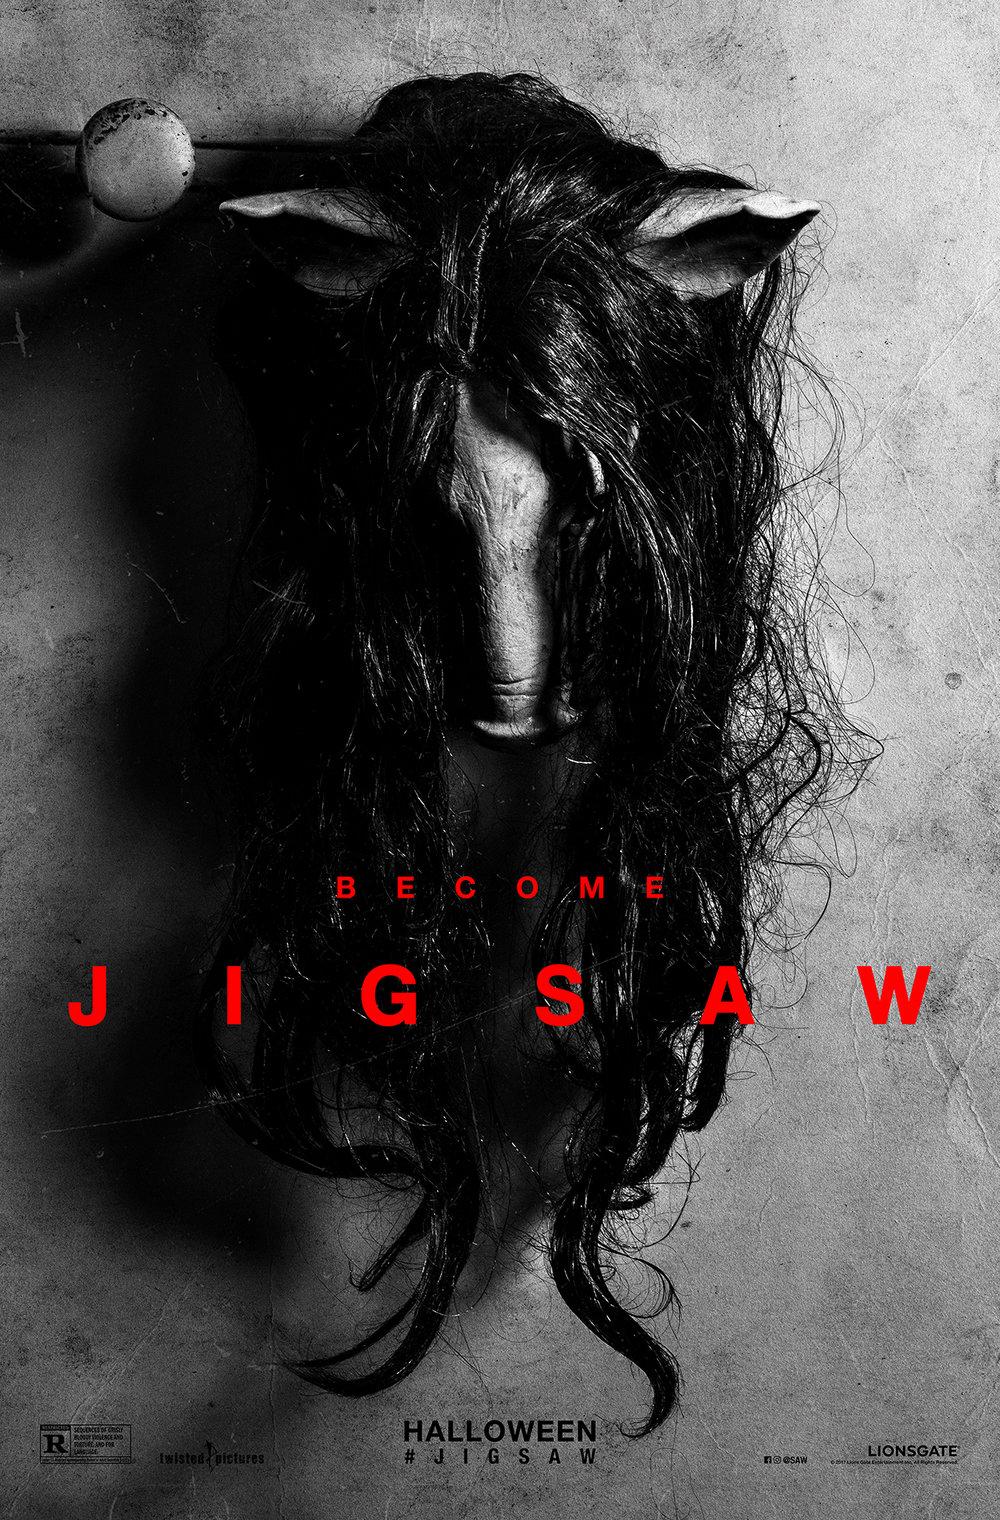 Jigsaw_1Sht_Tsr_Head_25x38_100dpi.jpg